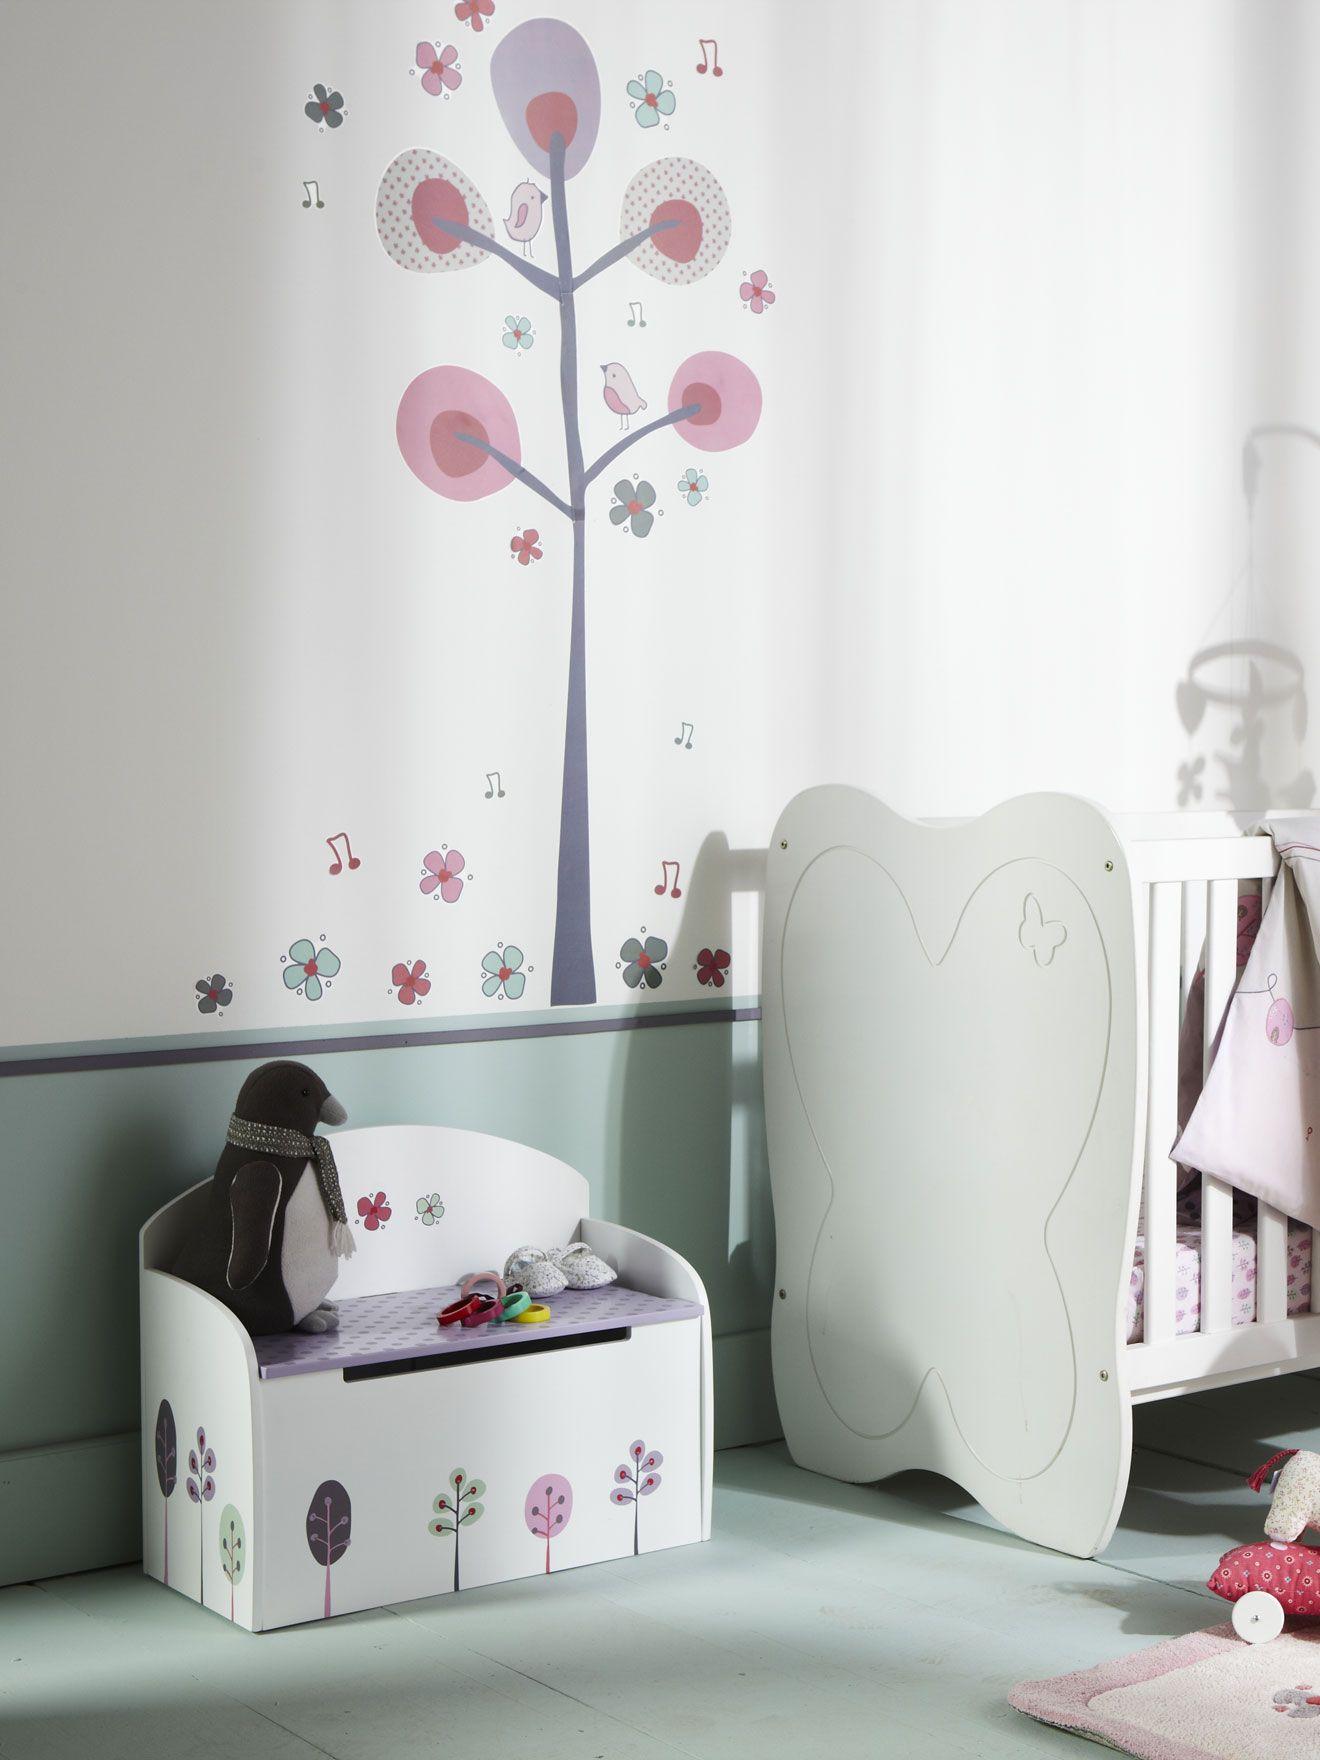 Pegatina gigante rbol habitaci n beb ni a habitaci n for Dormitorios ninos baratos